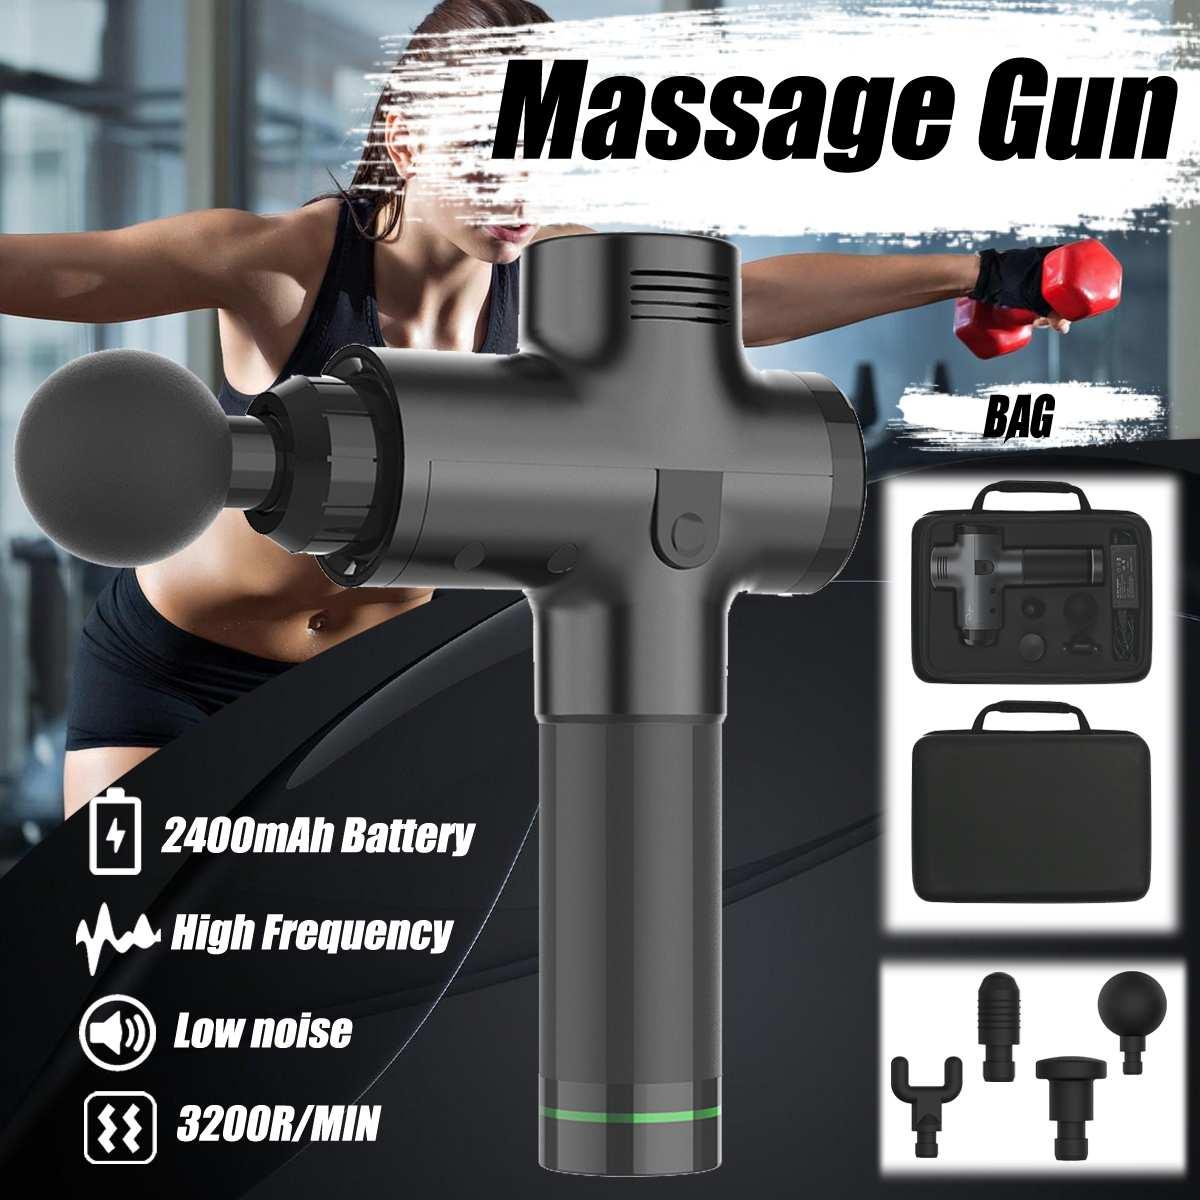 Pistolas de masaje de tejido masajeador muscular gestión del dolor muscular después de entrenar Ejercicio de relajación corporal adelgazamiento Shaping Relief